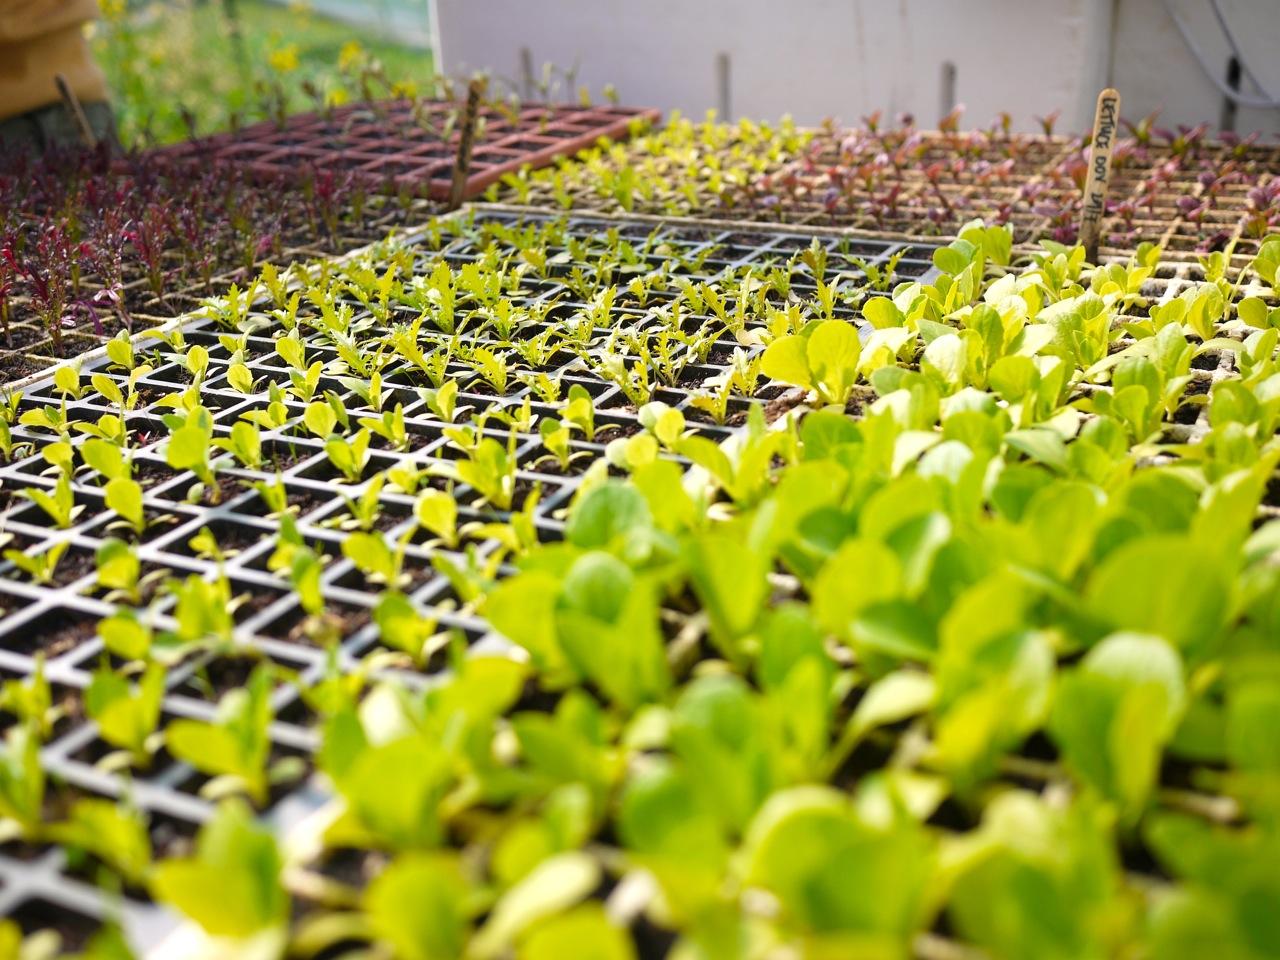 1309 seedlings - 3